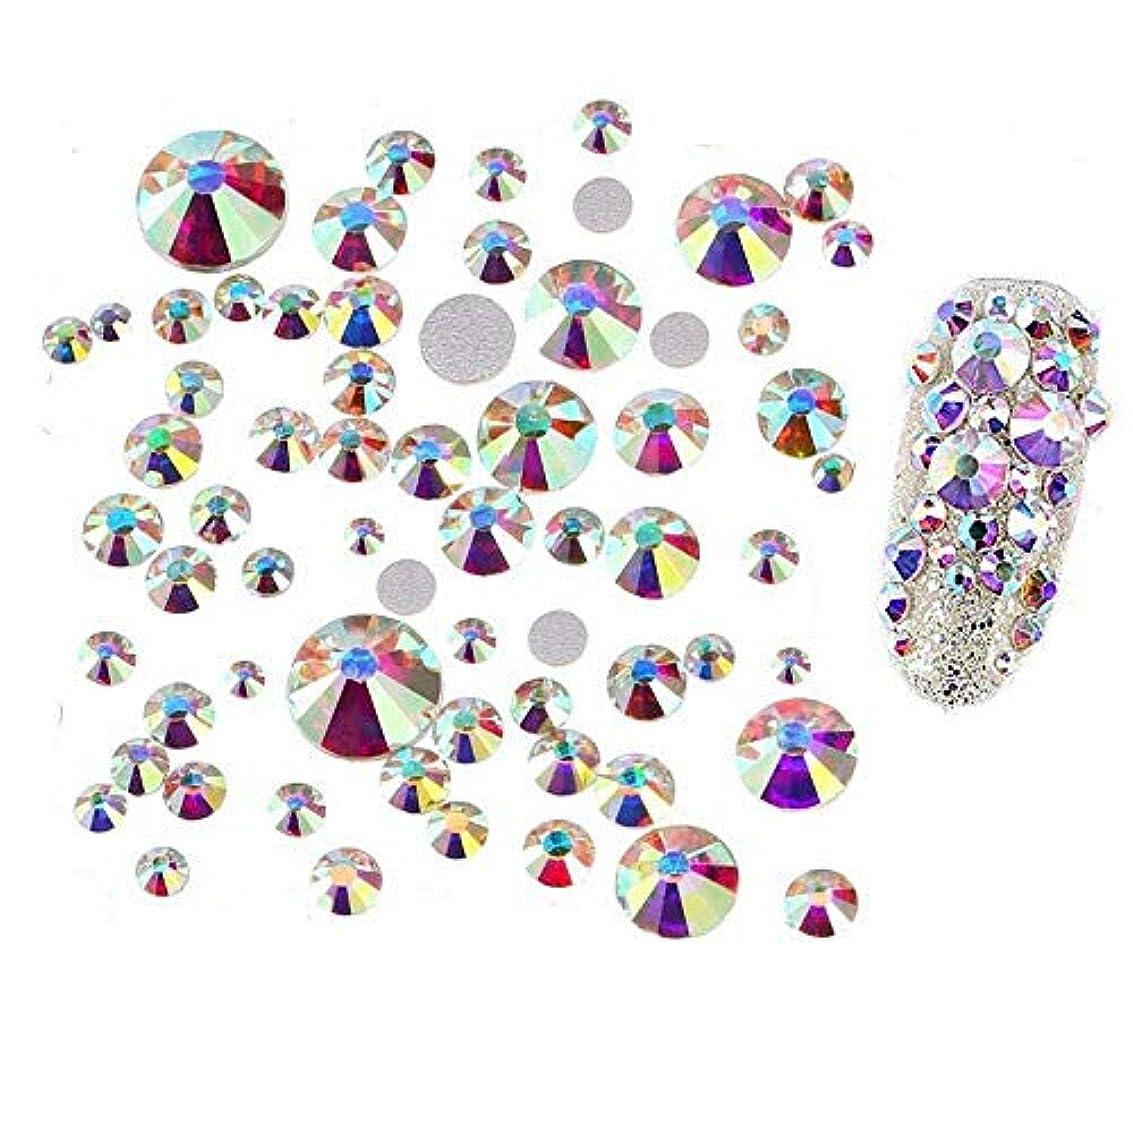 いう受粉者無意味高品質 ガラスストーン オーロラ クリスタル,ラインストーン ネイル デコ ガラスストーン クリスタル ジェルネイル ネイルパーツ (約200粒)